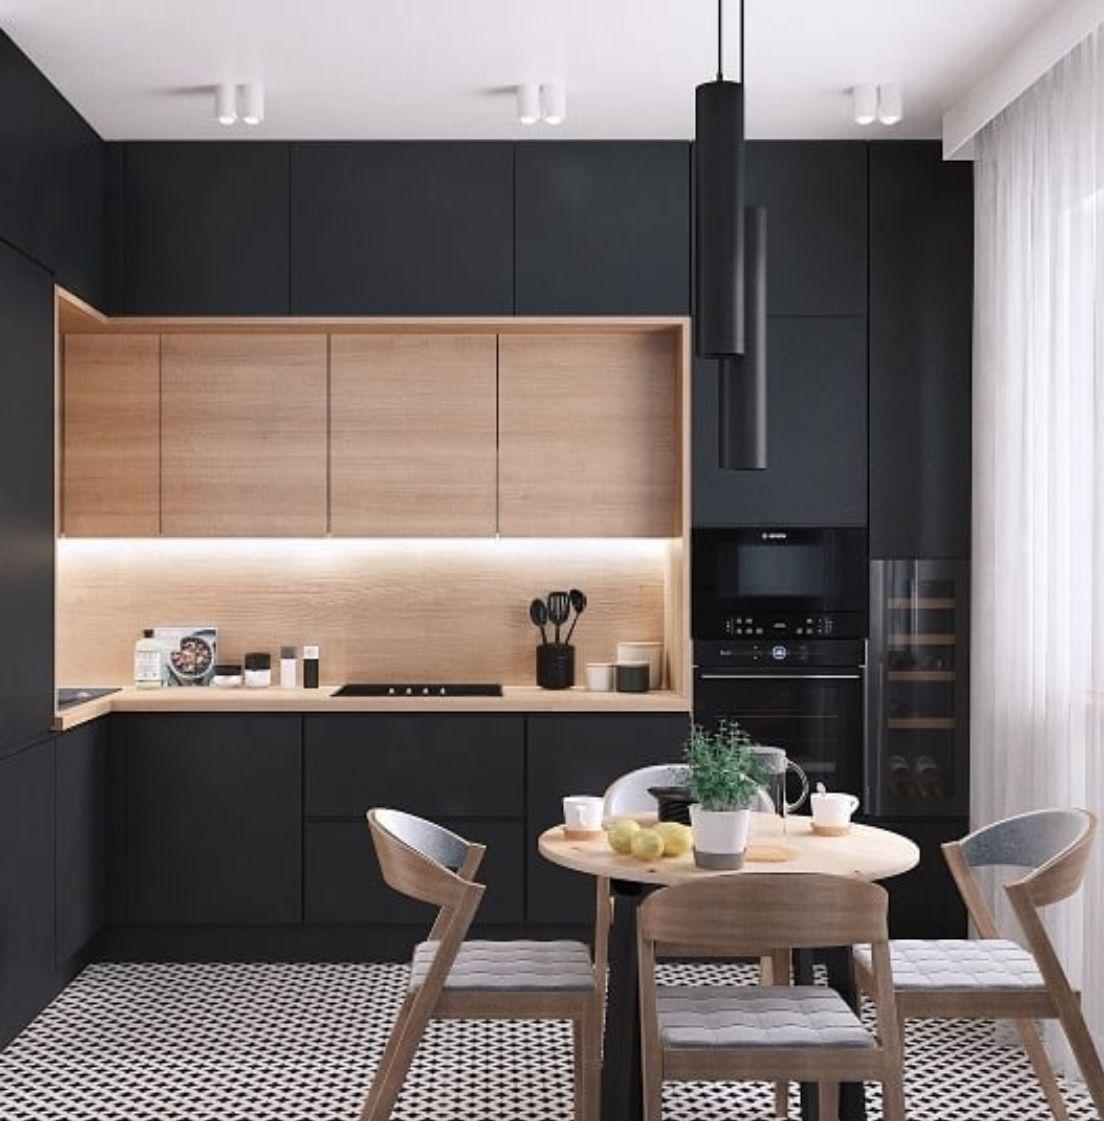 Pingl par camelia stroe sur buc t rie en 2019 cuisine appartement cuisine moderne et - Mini cuisine equipee ...